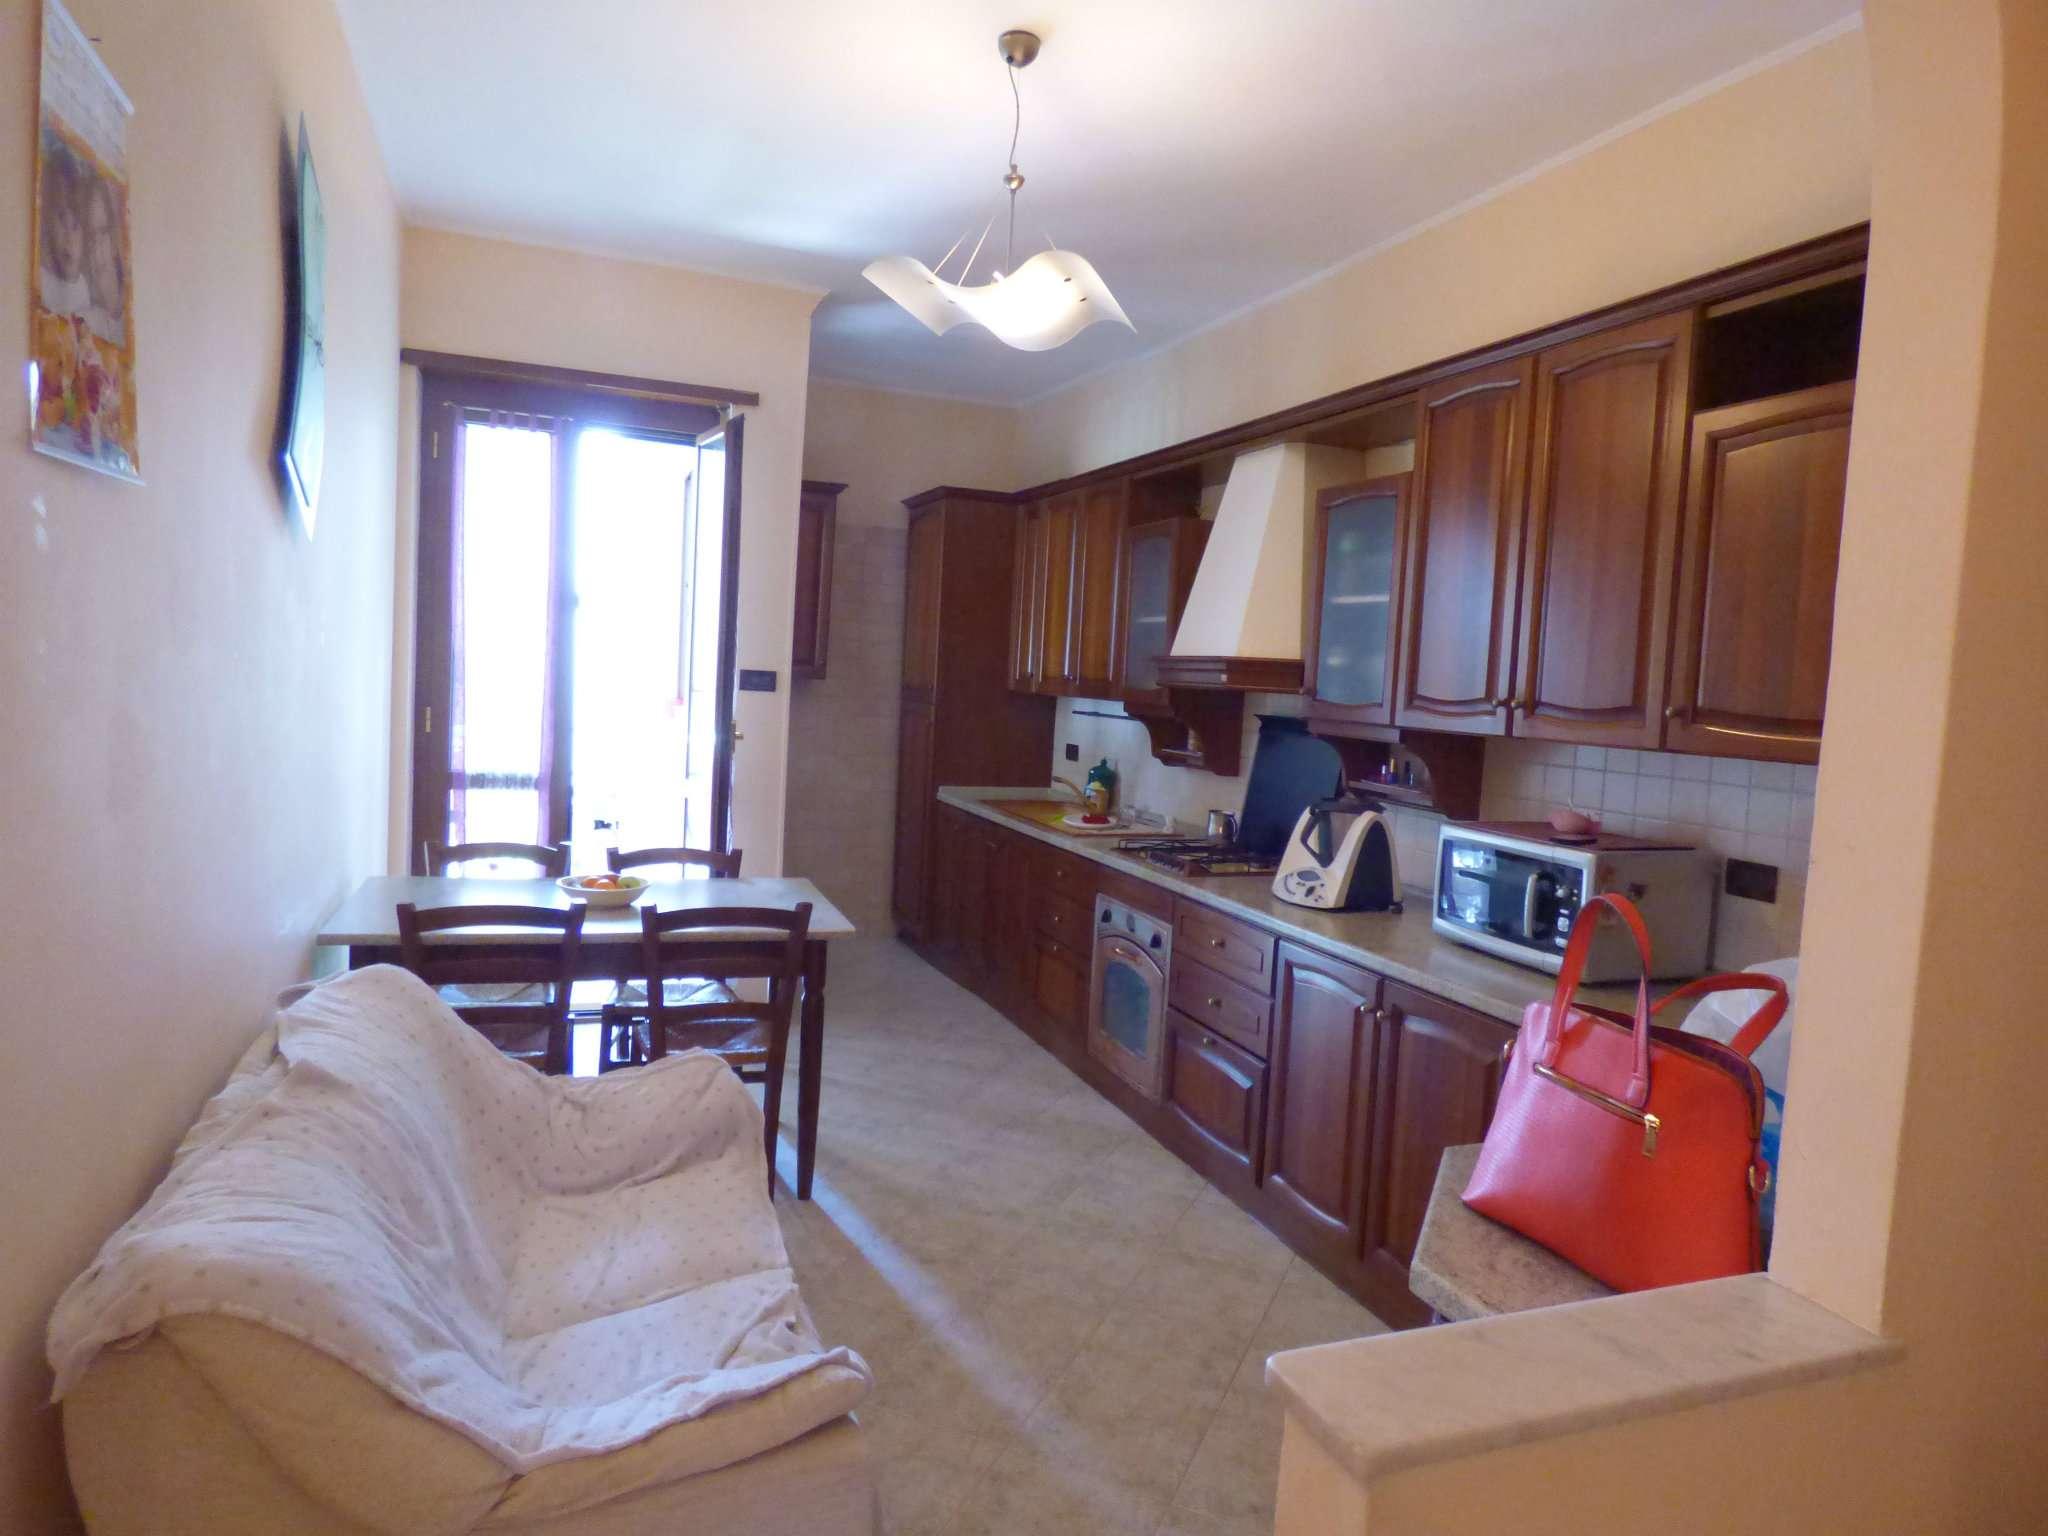 Appartamento in vendita a Borgaro Torinese, 3 locali, prezzo € 123.000 | CambioCasa.it